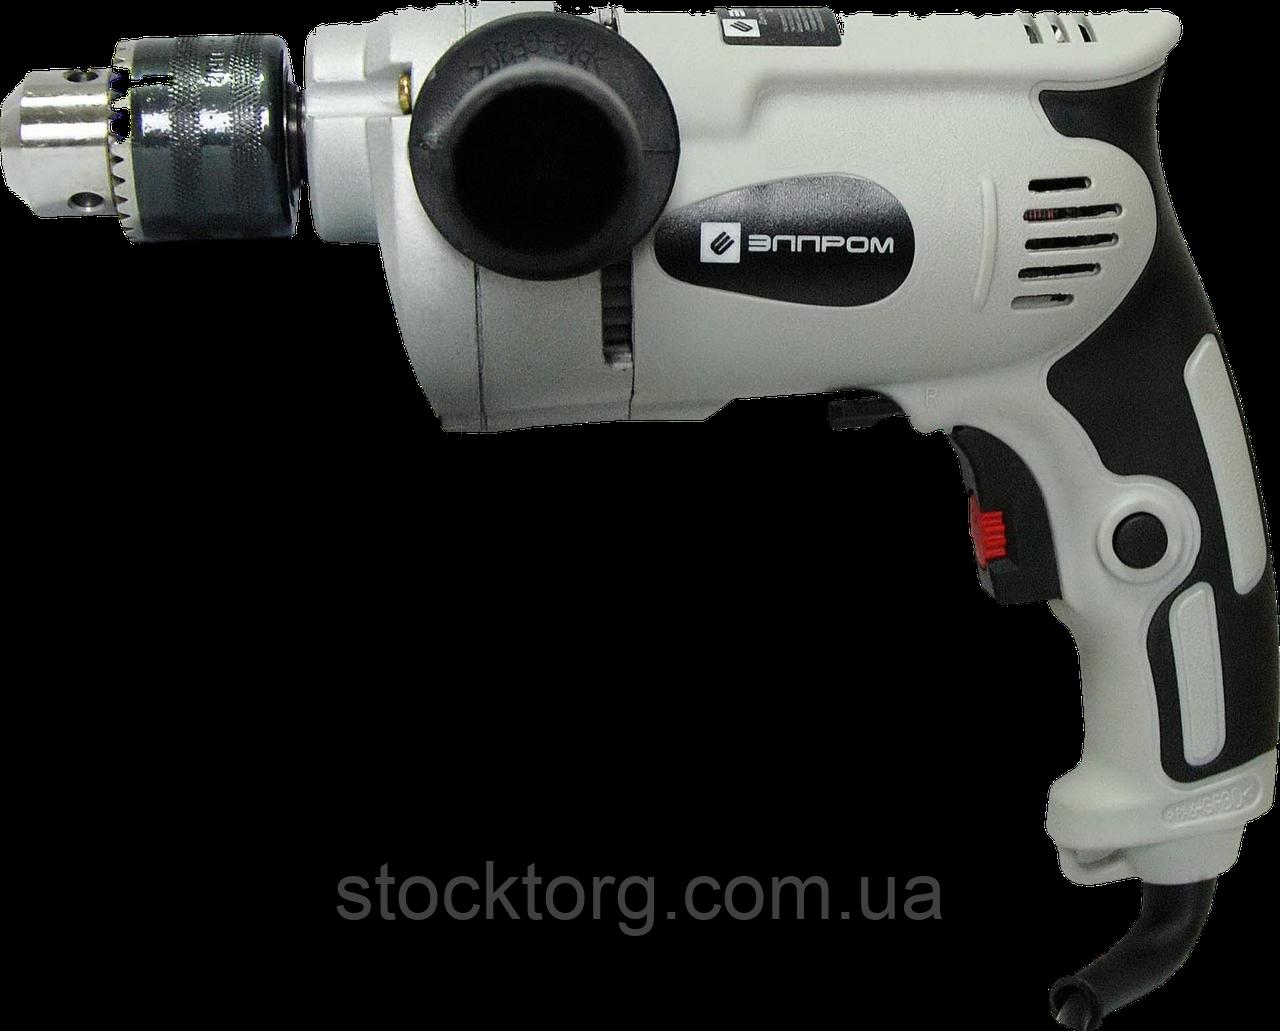 Дрель Элпром ЭД-700